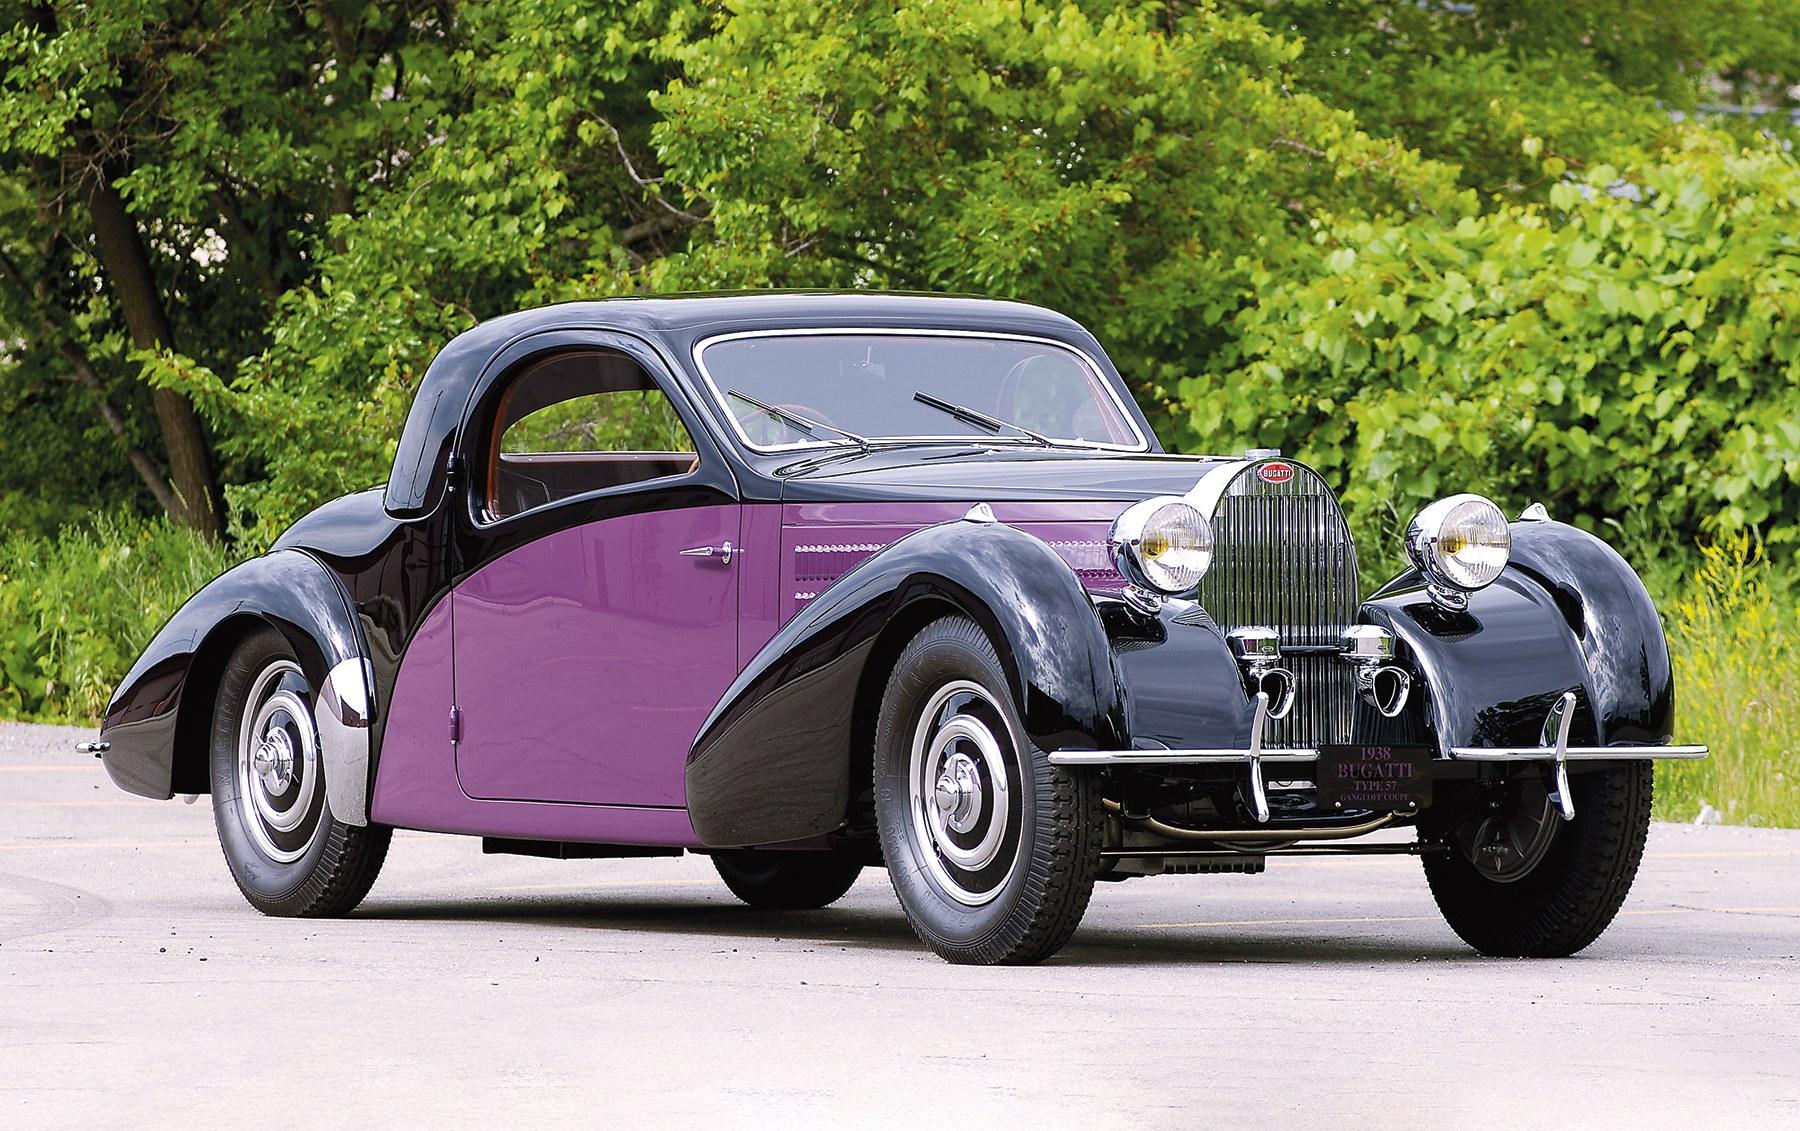 1938 Bugatti Type 57 Atalante Coupe